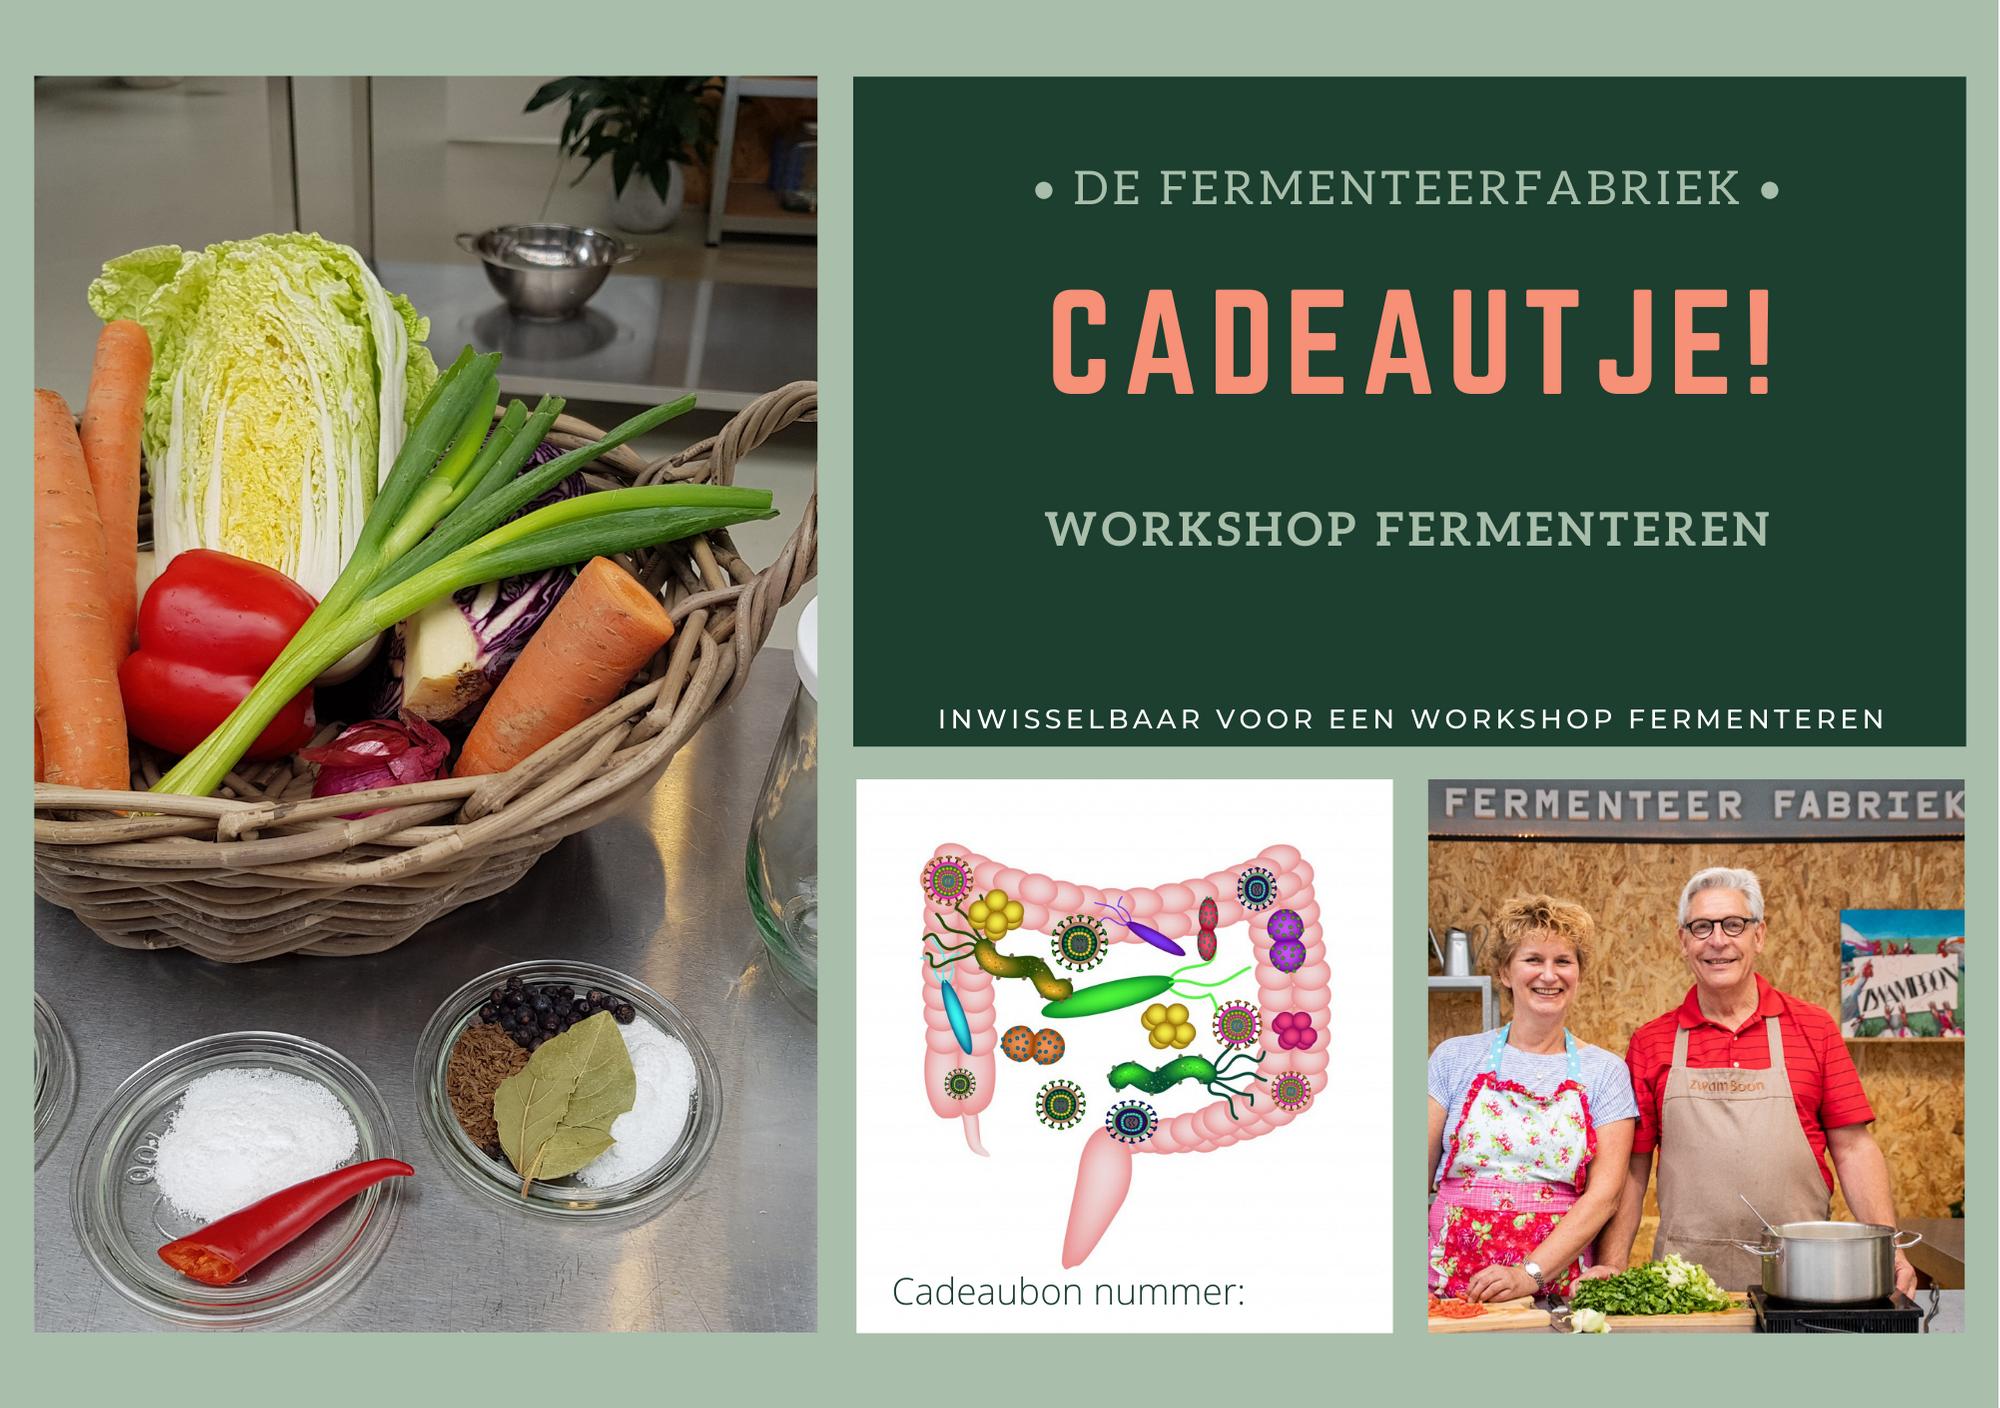 cadeaubon workshop fermenteren